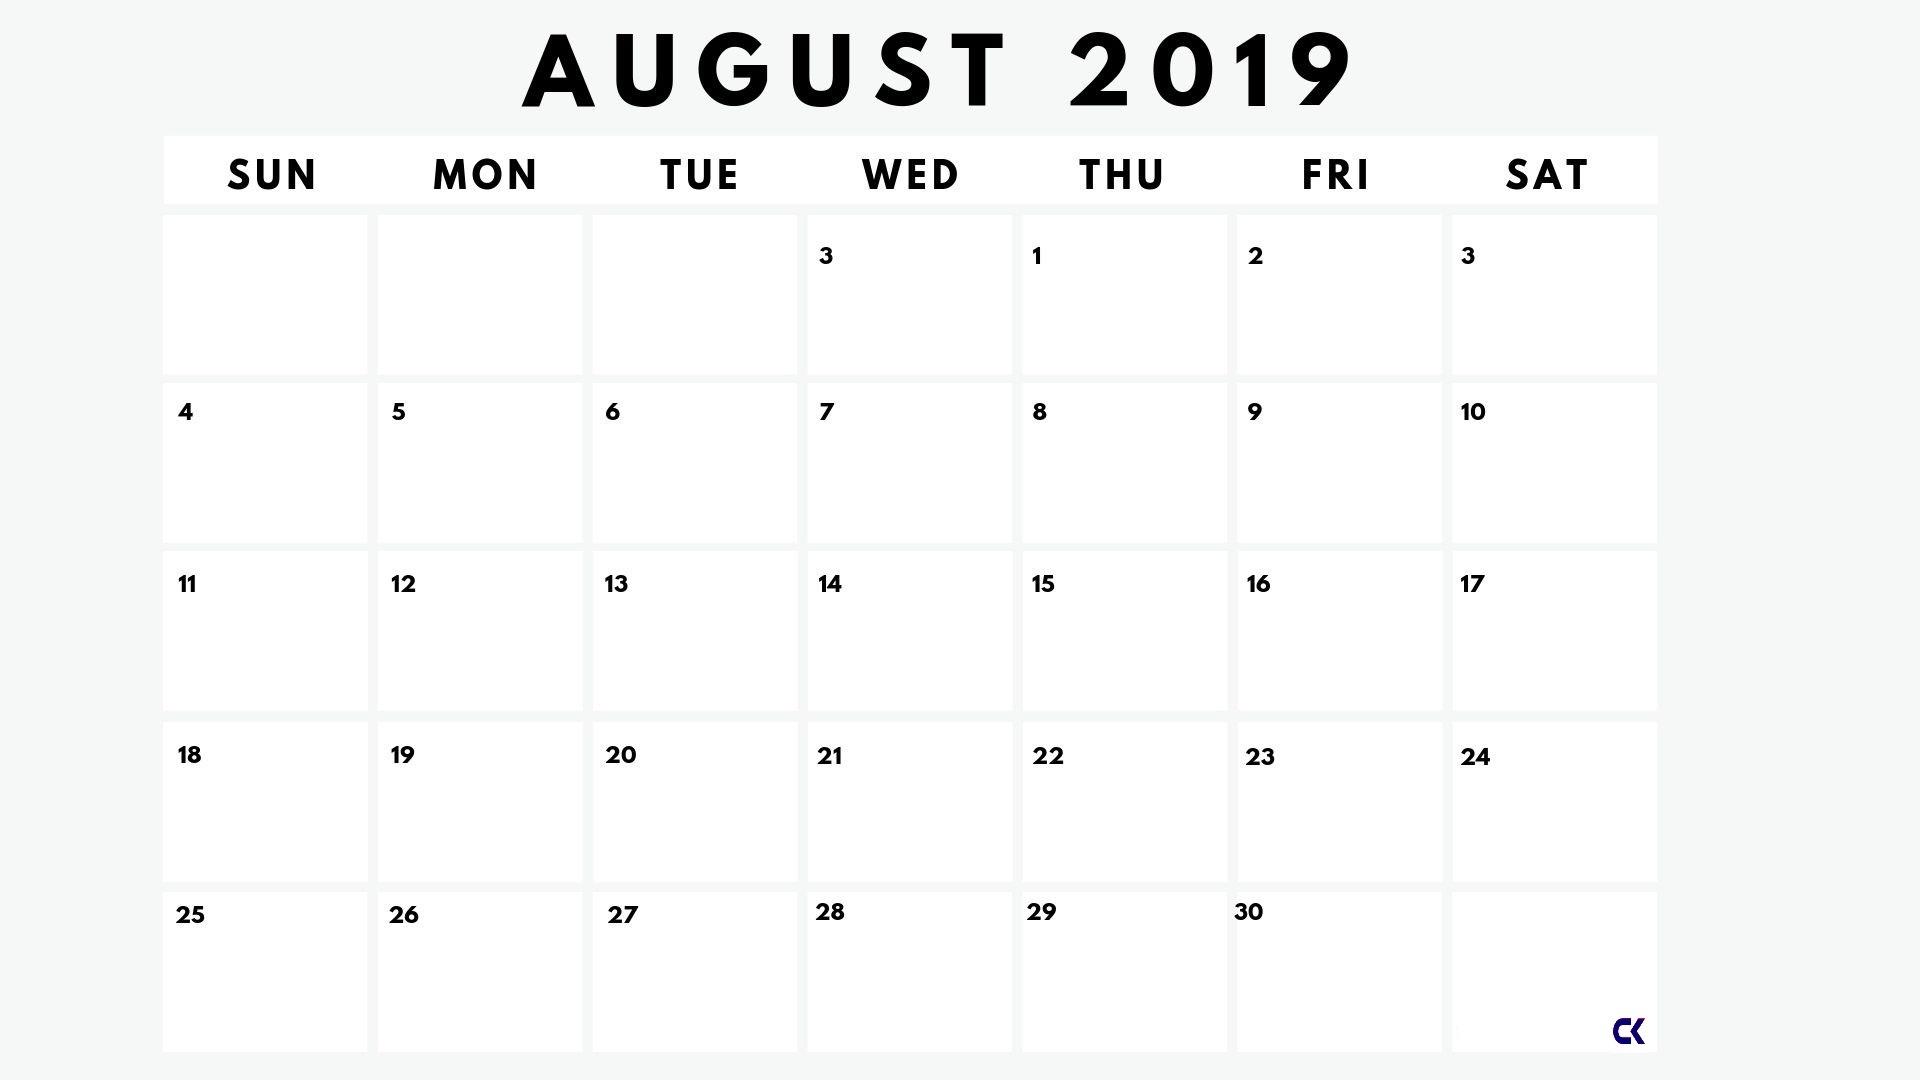 Blank August 2019 Calendar Pdf Template - Calendar-Kart